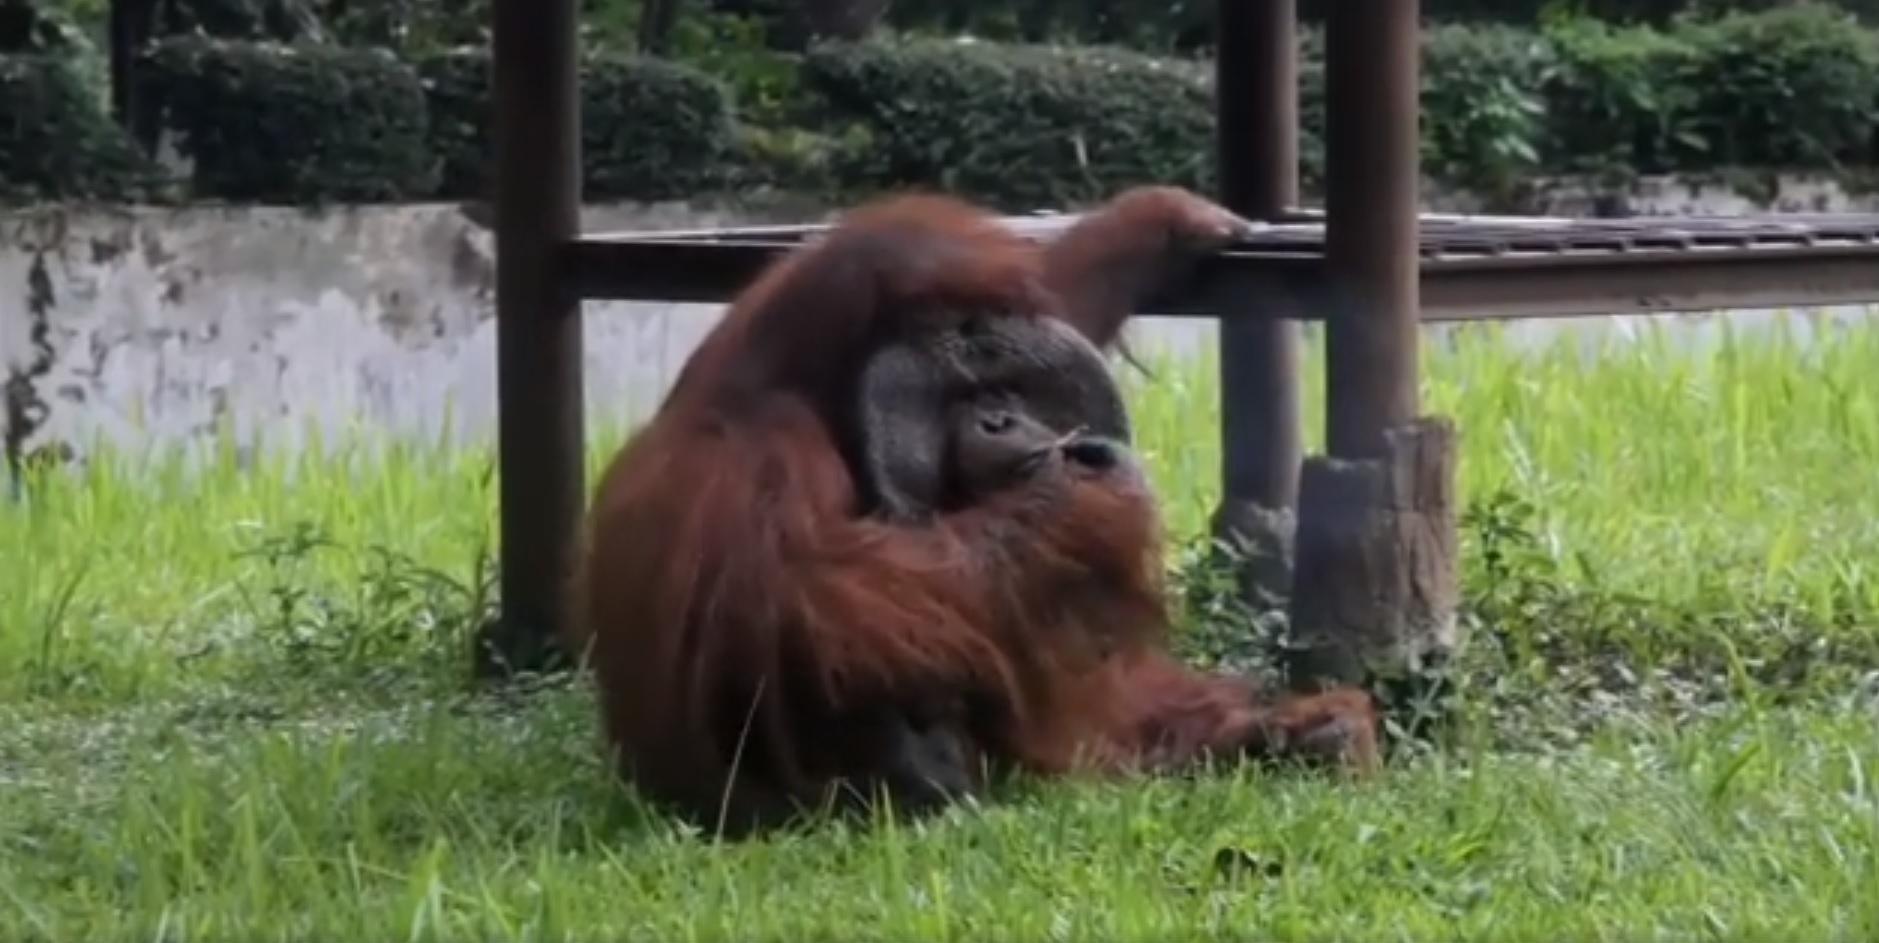 Egy férfi bedobta a cigijét az orangutánkifutóra Indonéziában, mire az állat felkapta és elszívta